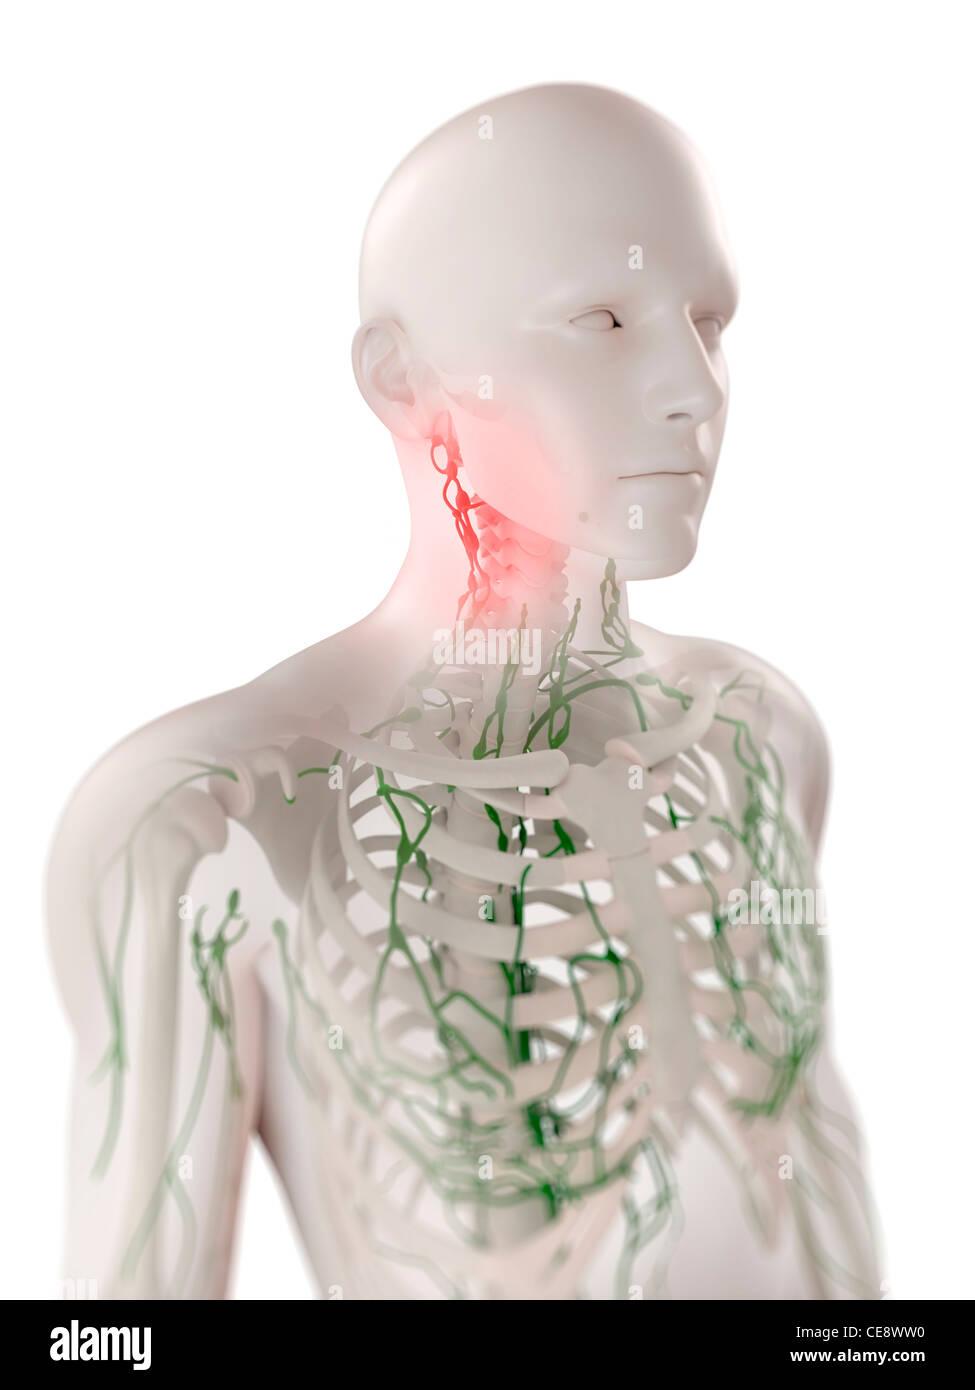 Geschwollene lymphknoten brust | Lymphknoten überprüfen